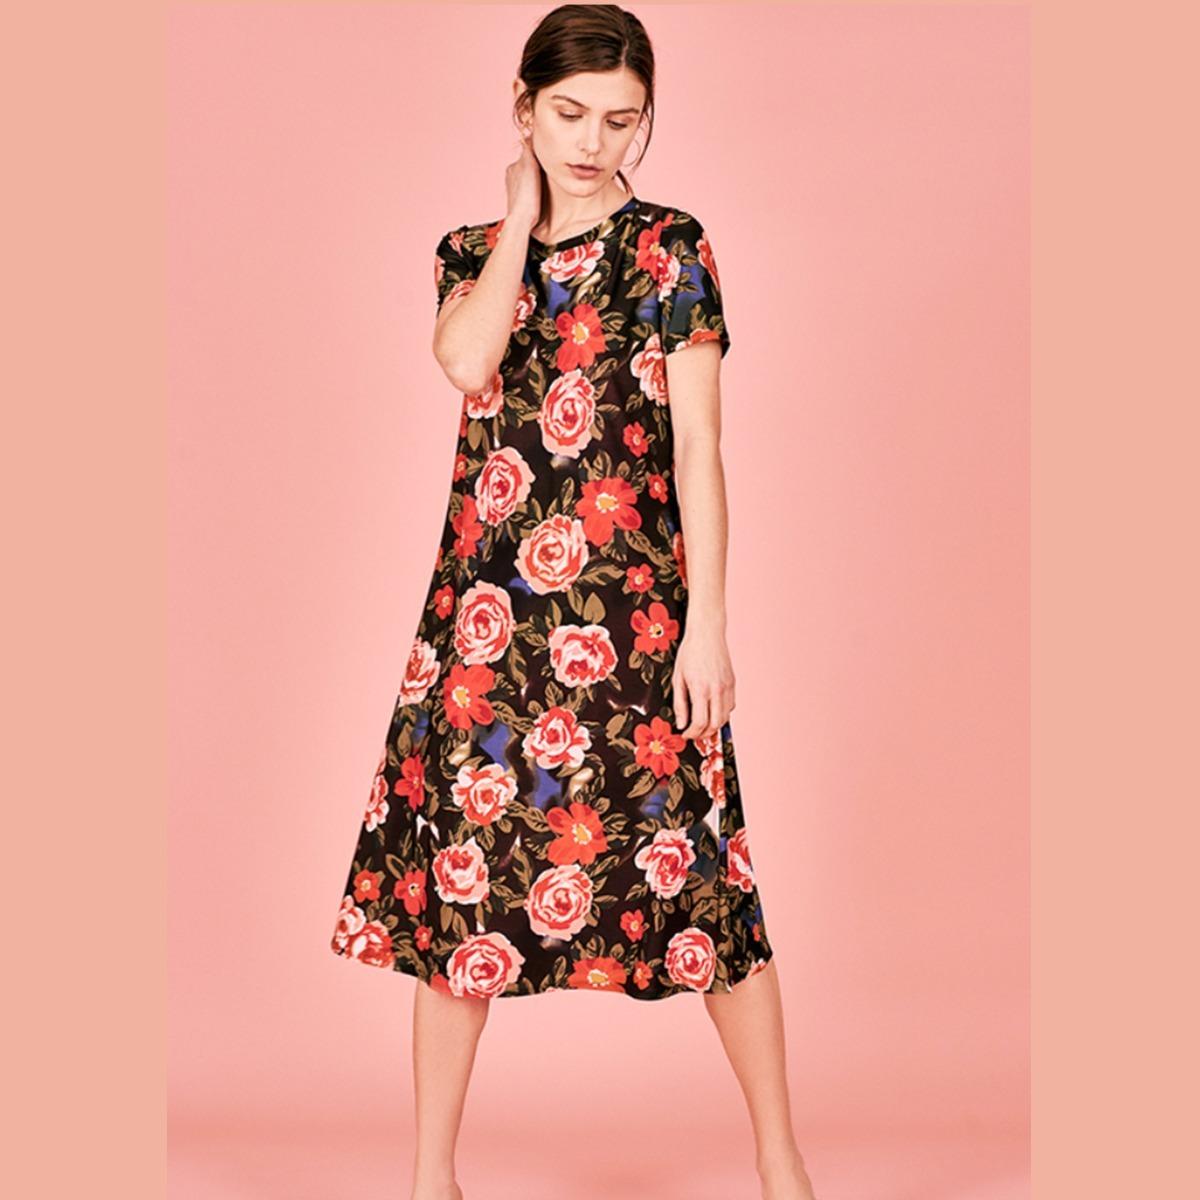 Asombroso Wtoo Precios Vestidos De Dama Embellecimiento - Colección ...